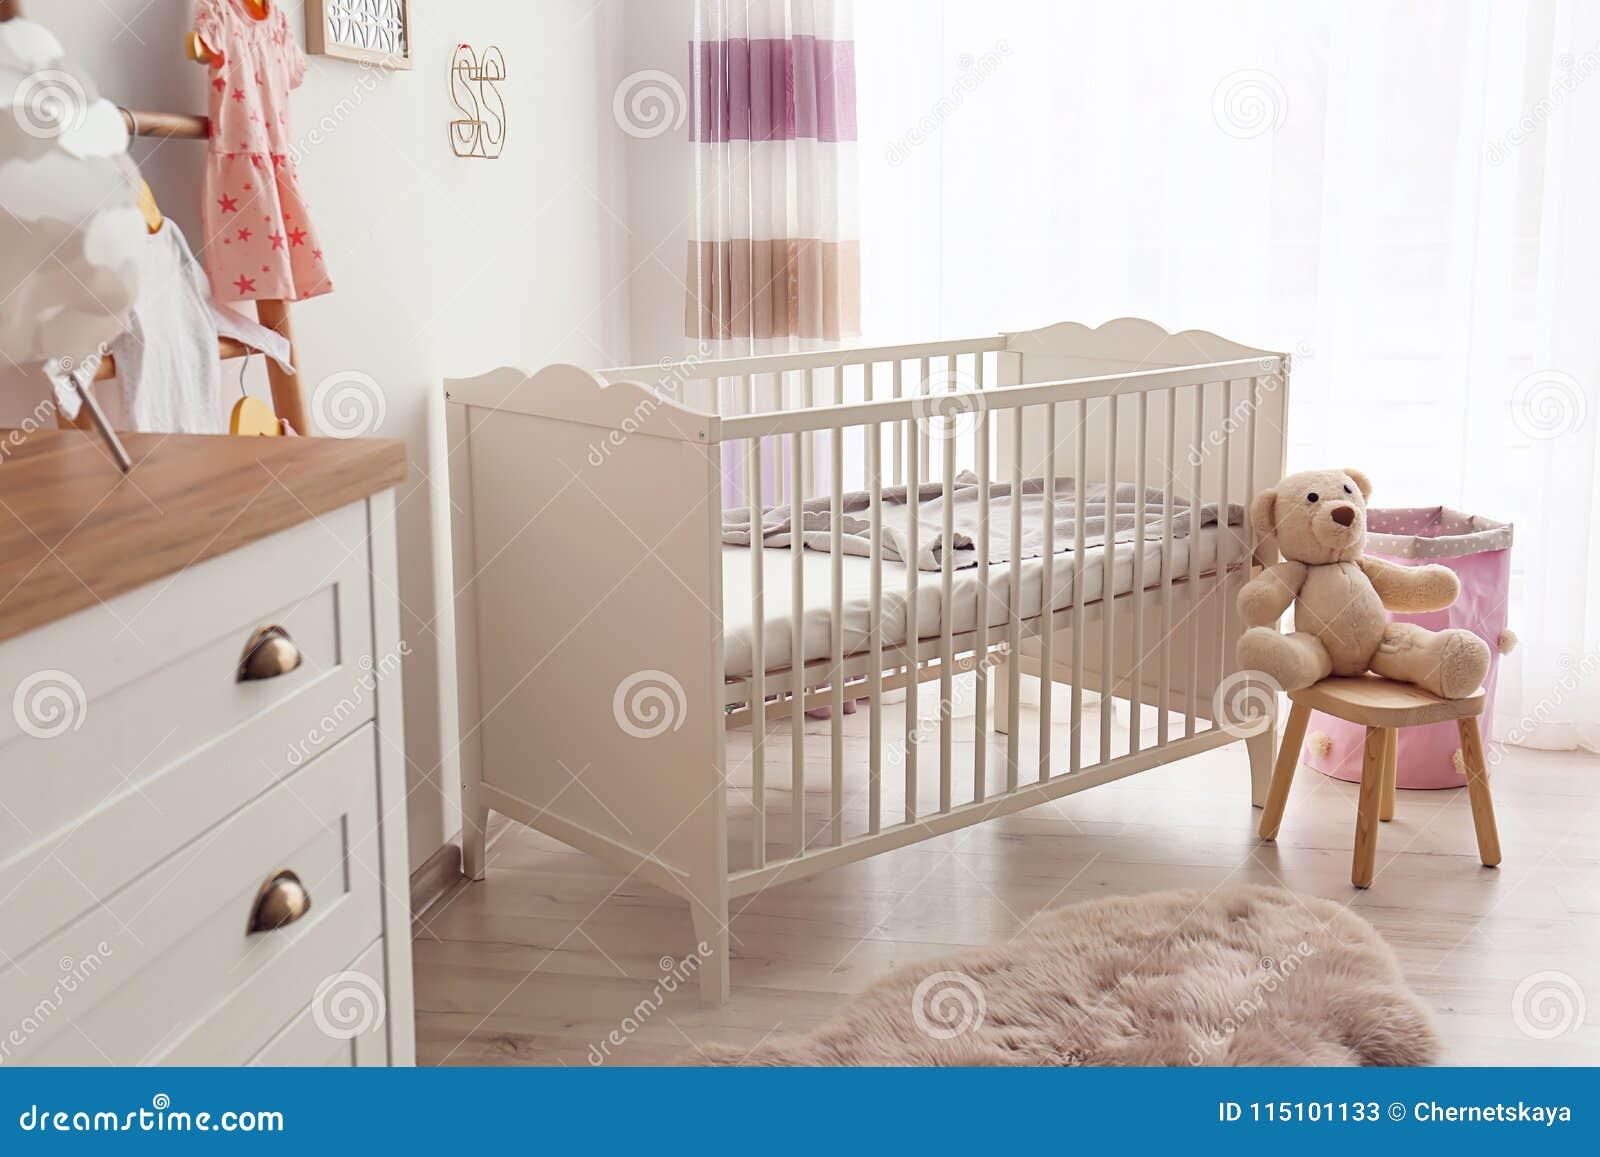 Cozy baby room interior